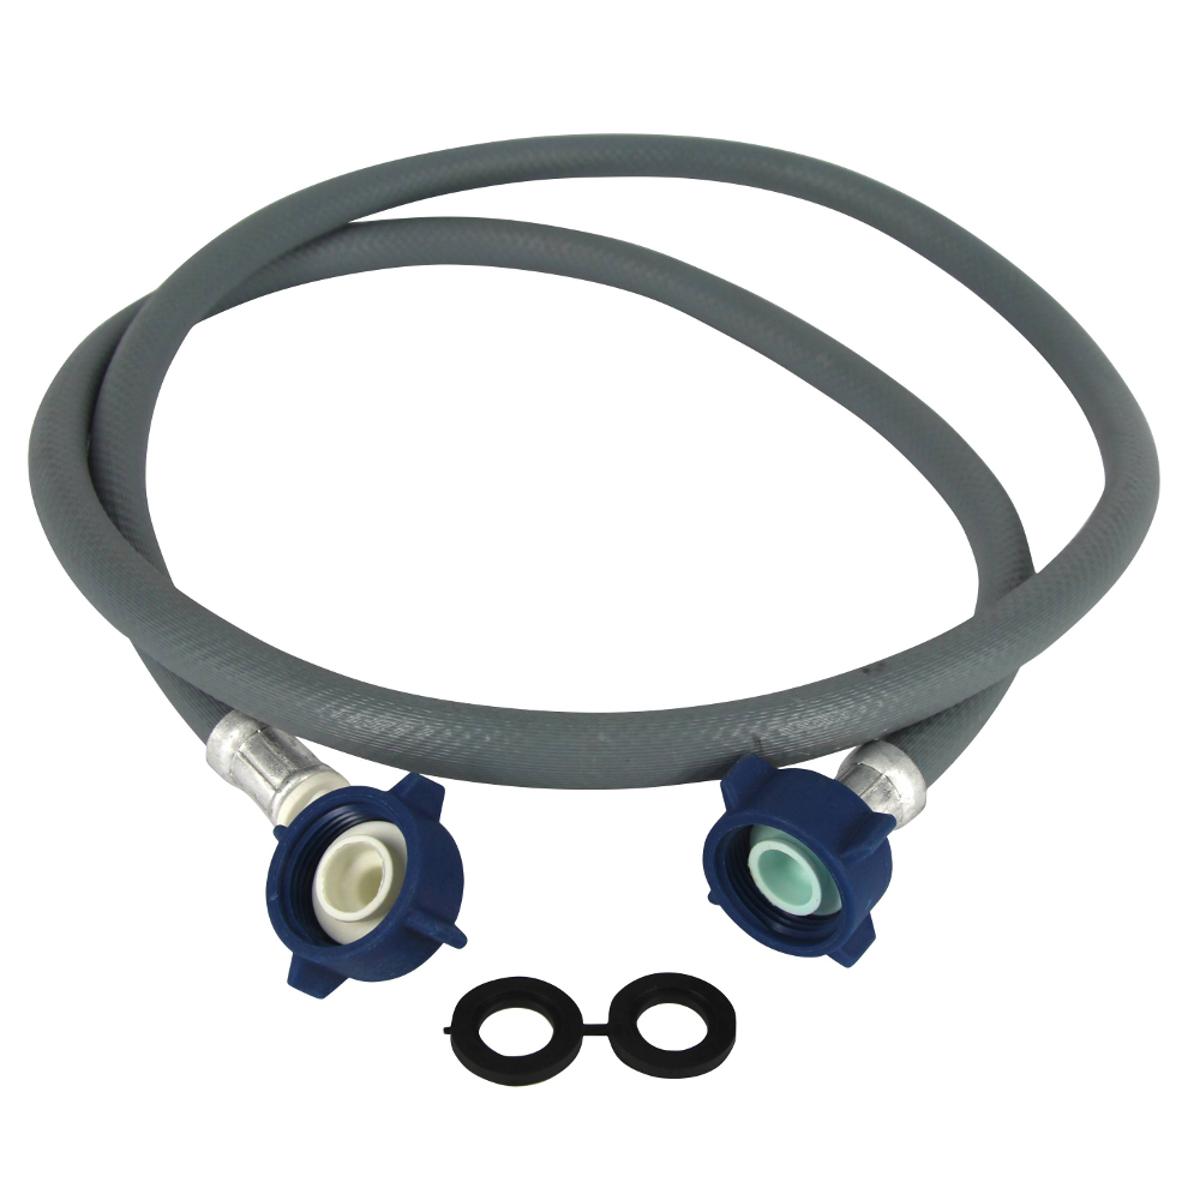 Шланг заливной для стиральной машины Зип-Флекс, длина 4 мИС.100331Шланг заливной Зип-Флекс предназначен для отвода воды. Используется для подключения стиральных и посудомоечных машин к системе водоснабжения.